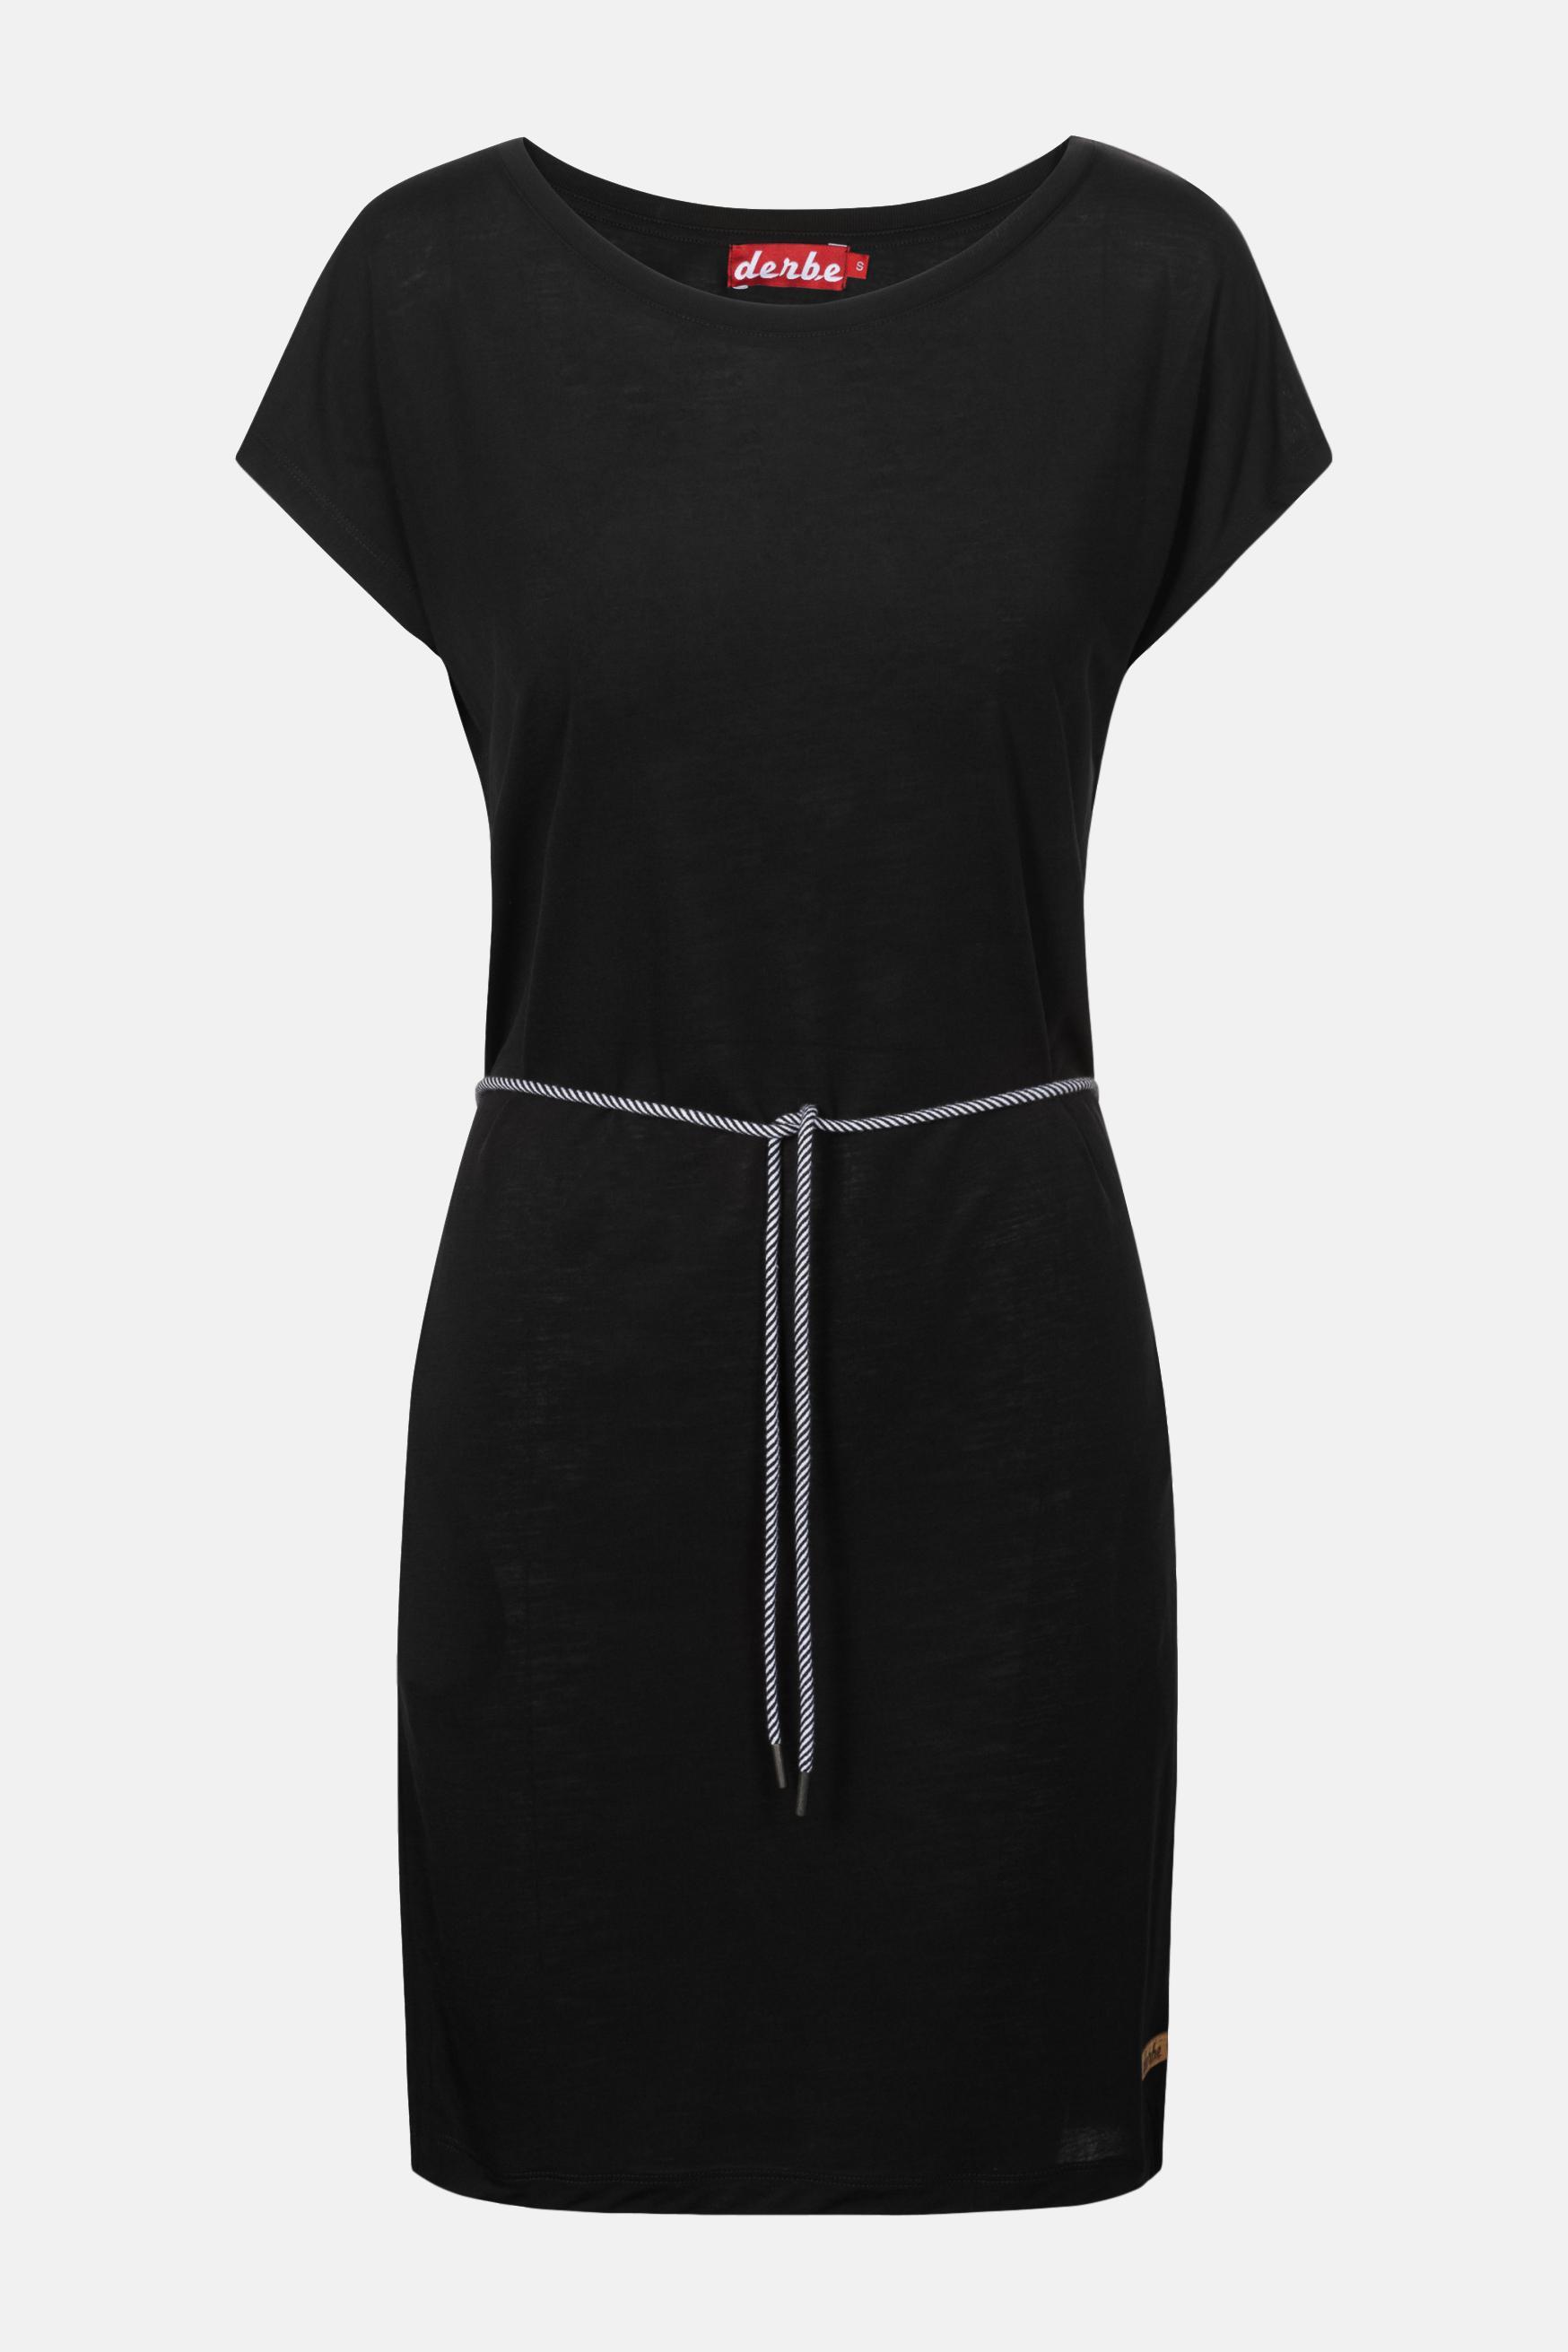 Derbe Botanic Schwarz Damen Kleid Bio Baumwolle